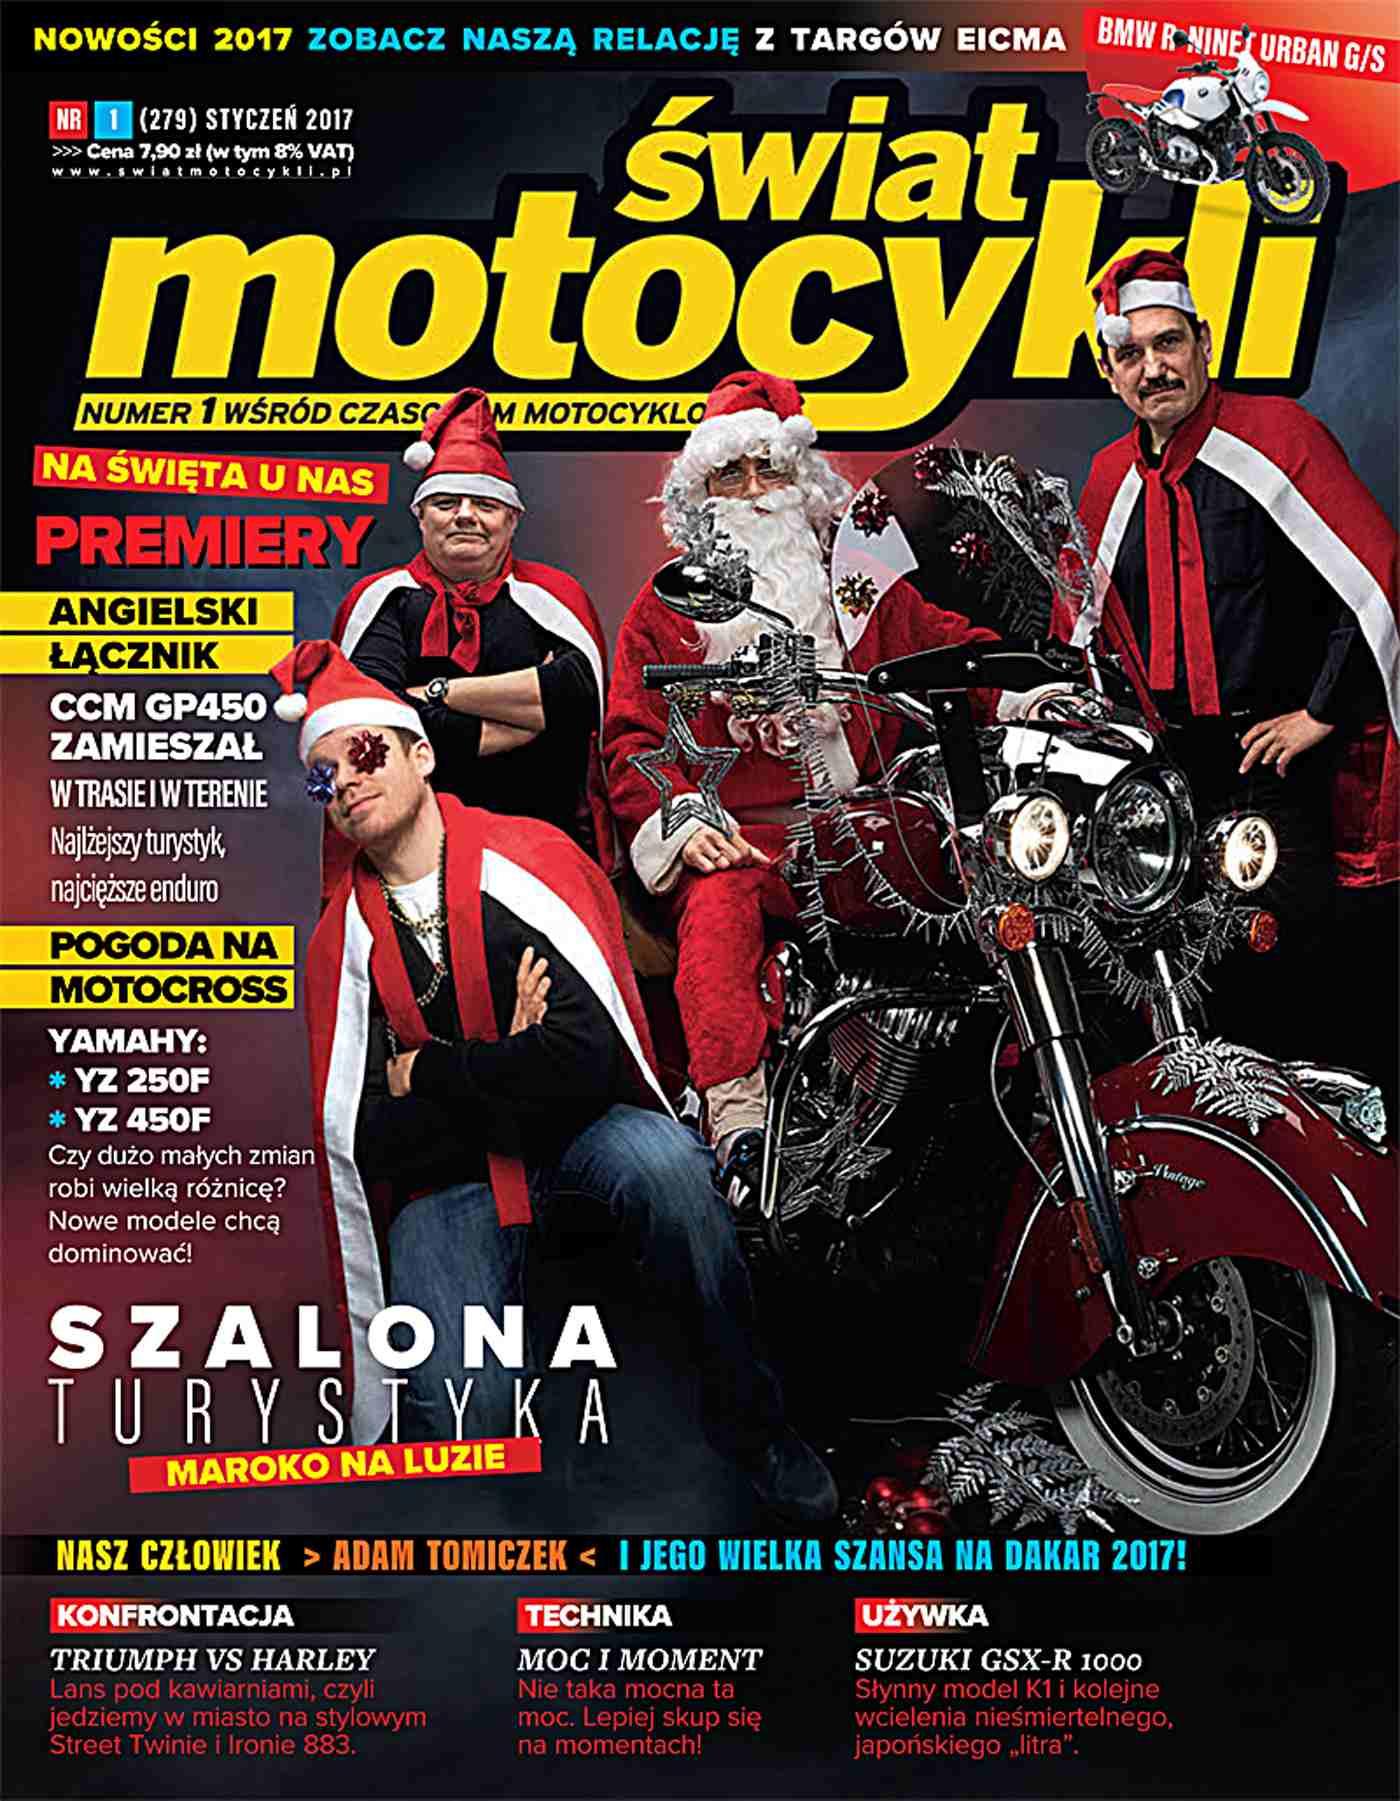 Świat Motocykli 01/2017 - Ebook (Książka PDF) do pobrania w formacie PDF